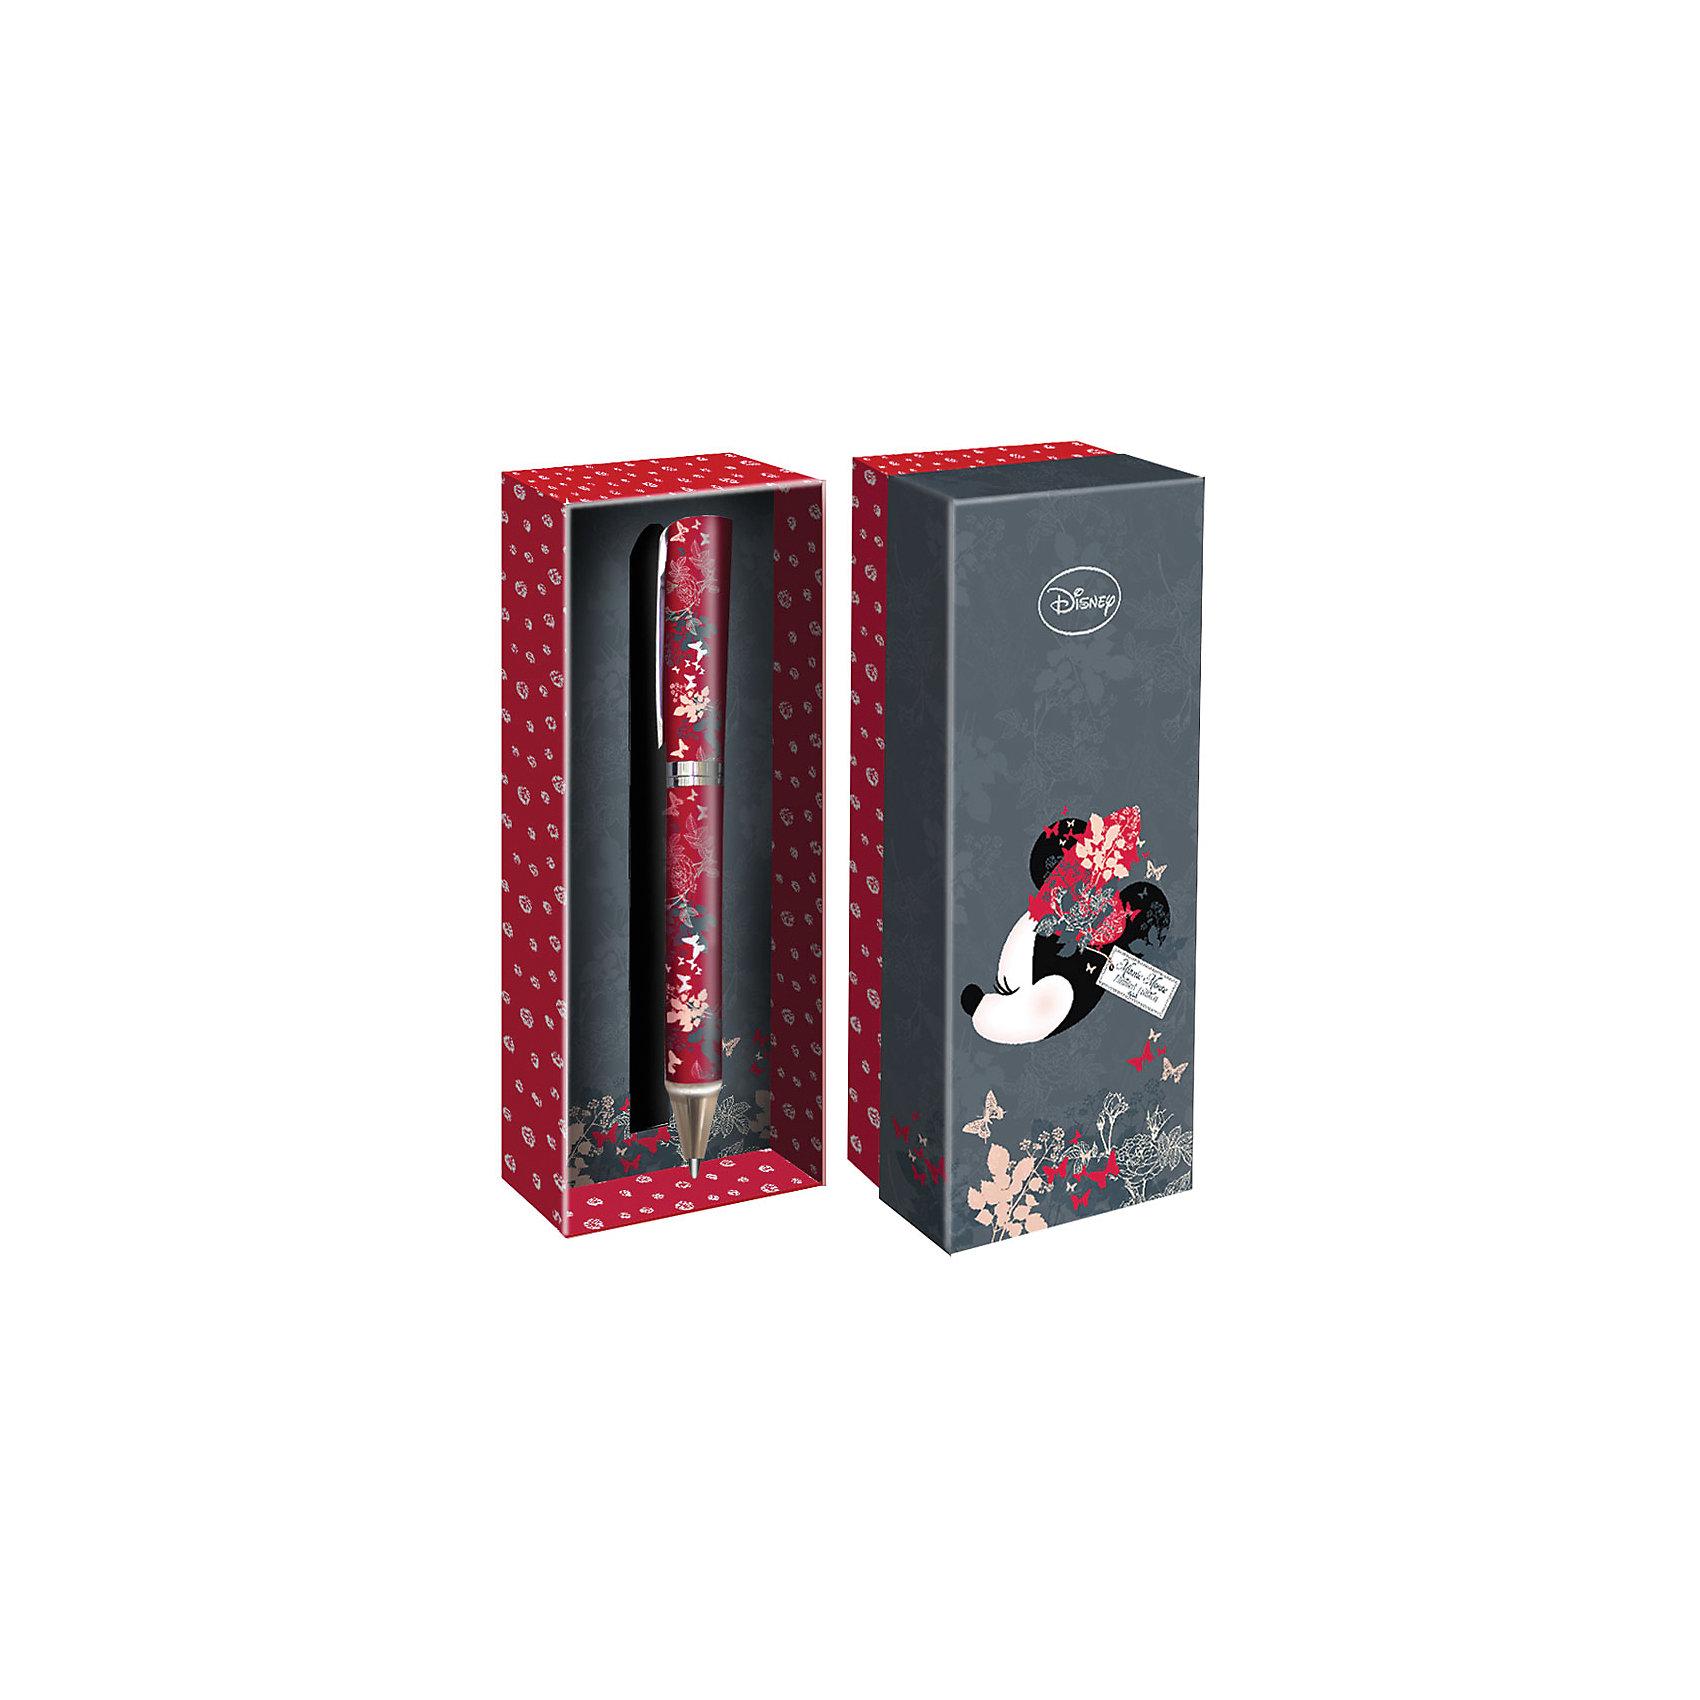 Подарочная ручка, Disney Минни МаусМинни Маус<br>Подарочная ручка, Disney Минни Маус<br><br>Характеристики:<br><br>• подарочная упаковка<br>• яркий дизайн<br>• тип ручки: шариковая<br>• цвет чернил: синие<br>• толщина линии: 0,7 мм<br>• материал: пластик, металл<br>• размер упаковки: 21х20х7 см<br>• вес: 125 грамм<br><br>Красивая ручка с ярким дизайном - отличный подарок для поклонников клуба Микки Мауса. Подарочная упаковка и ручка оформлены в стиле знаменитой мышки. Ручка имеет удобную форму и широкую толщину линии - 0,7 мм. Ручка изготовлена из прочного пластика.<br><br>Подарочную ручку, Disney Минни Маус вы можете купить в нашем интернет-магазине.<br><br>Ширина мм: 70<br>Глубина мм: 200<br>Высота мм: 210<br>Вес г: 125<br>Возраст от месяцев: 84<br>Возраст до месяцев: 360<br>Пол: Женский<br>Возраст: Детский<br>SKU: 5390287